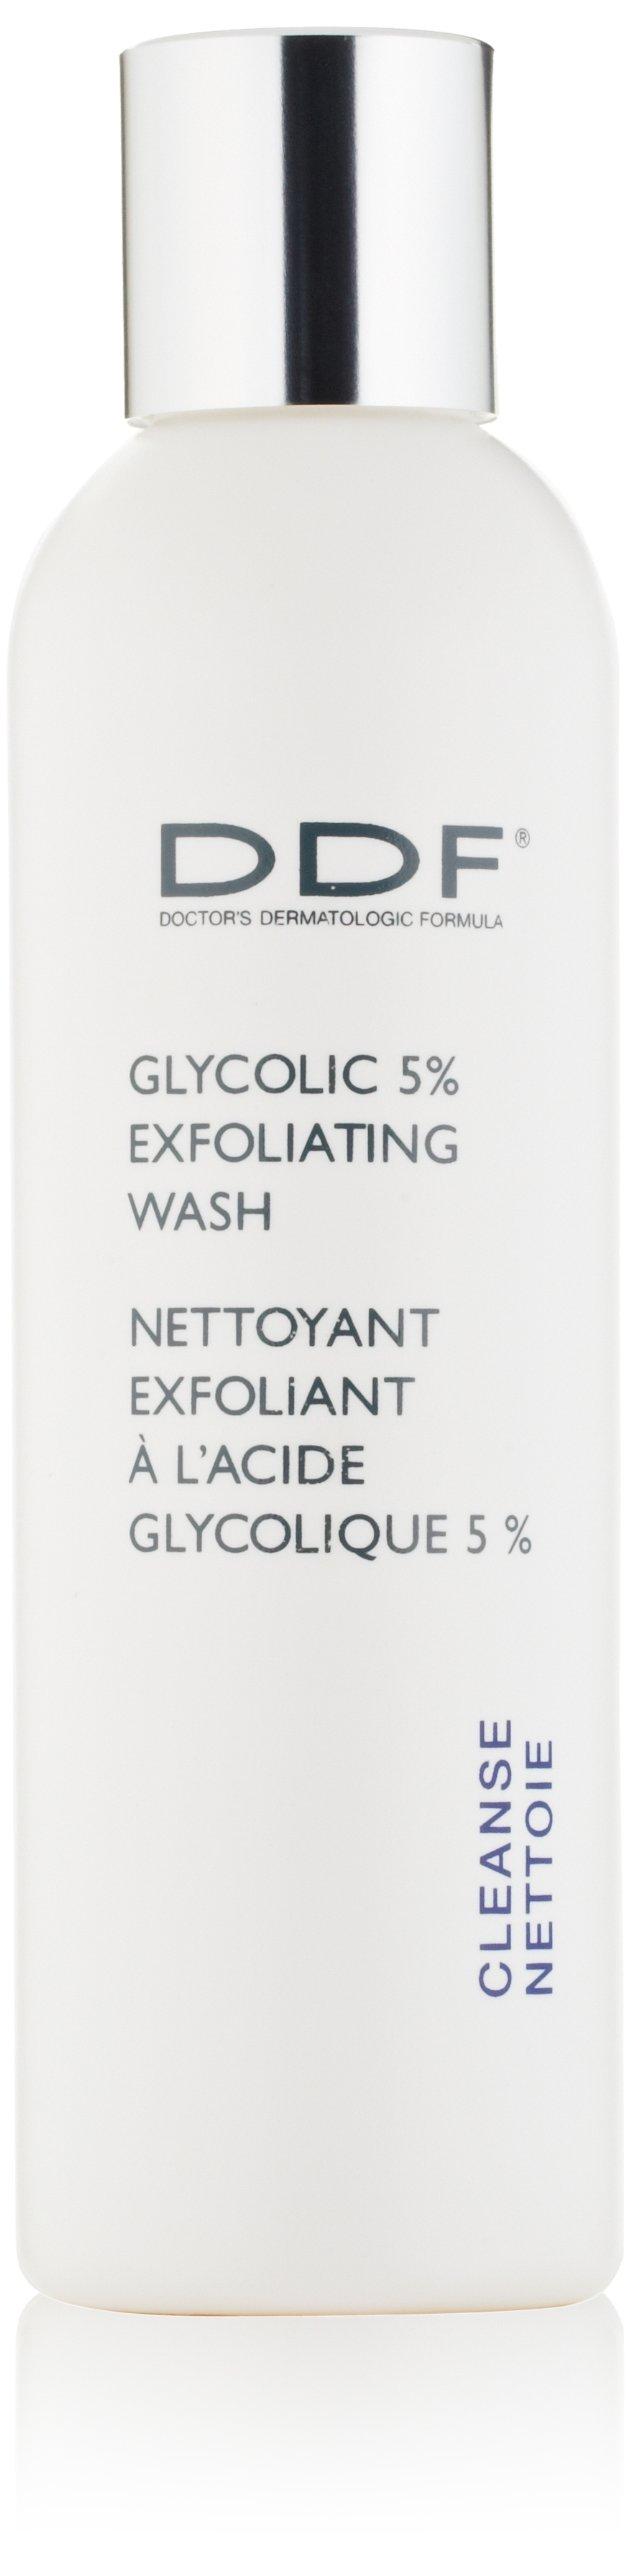 DDF Glycolic 5% Exfoliating Wash, 6 fl. oz.